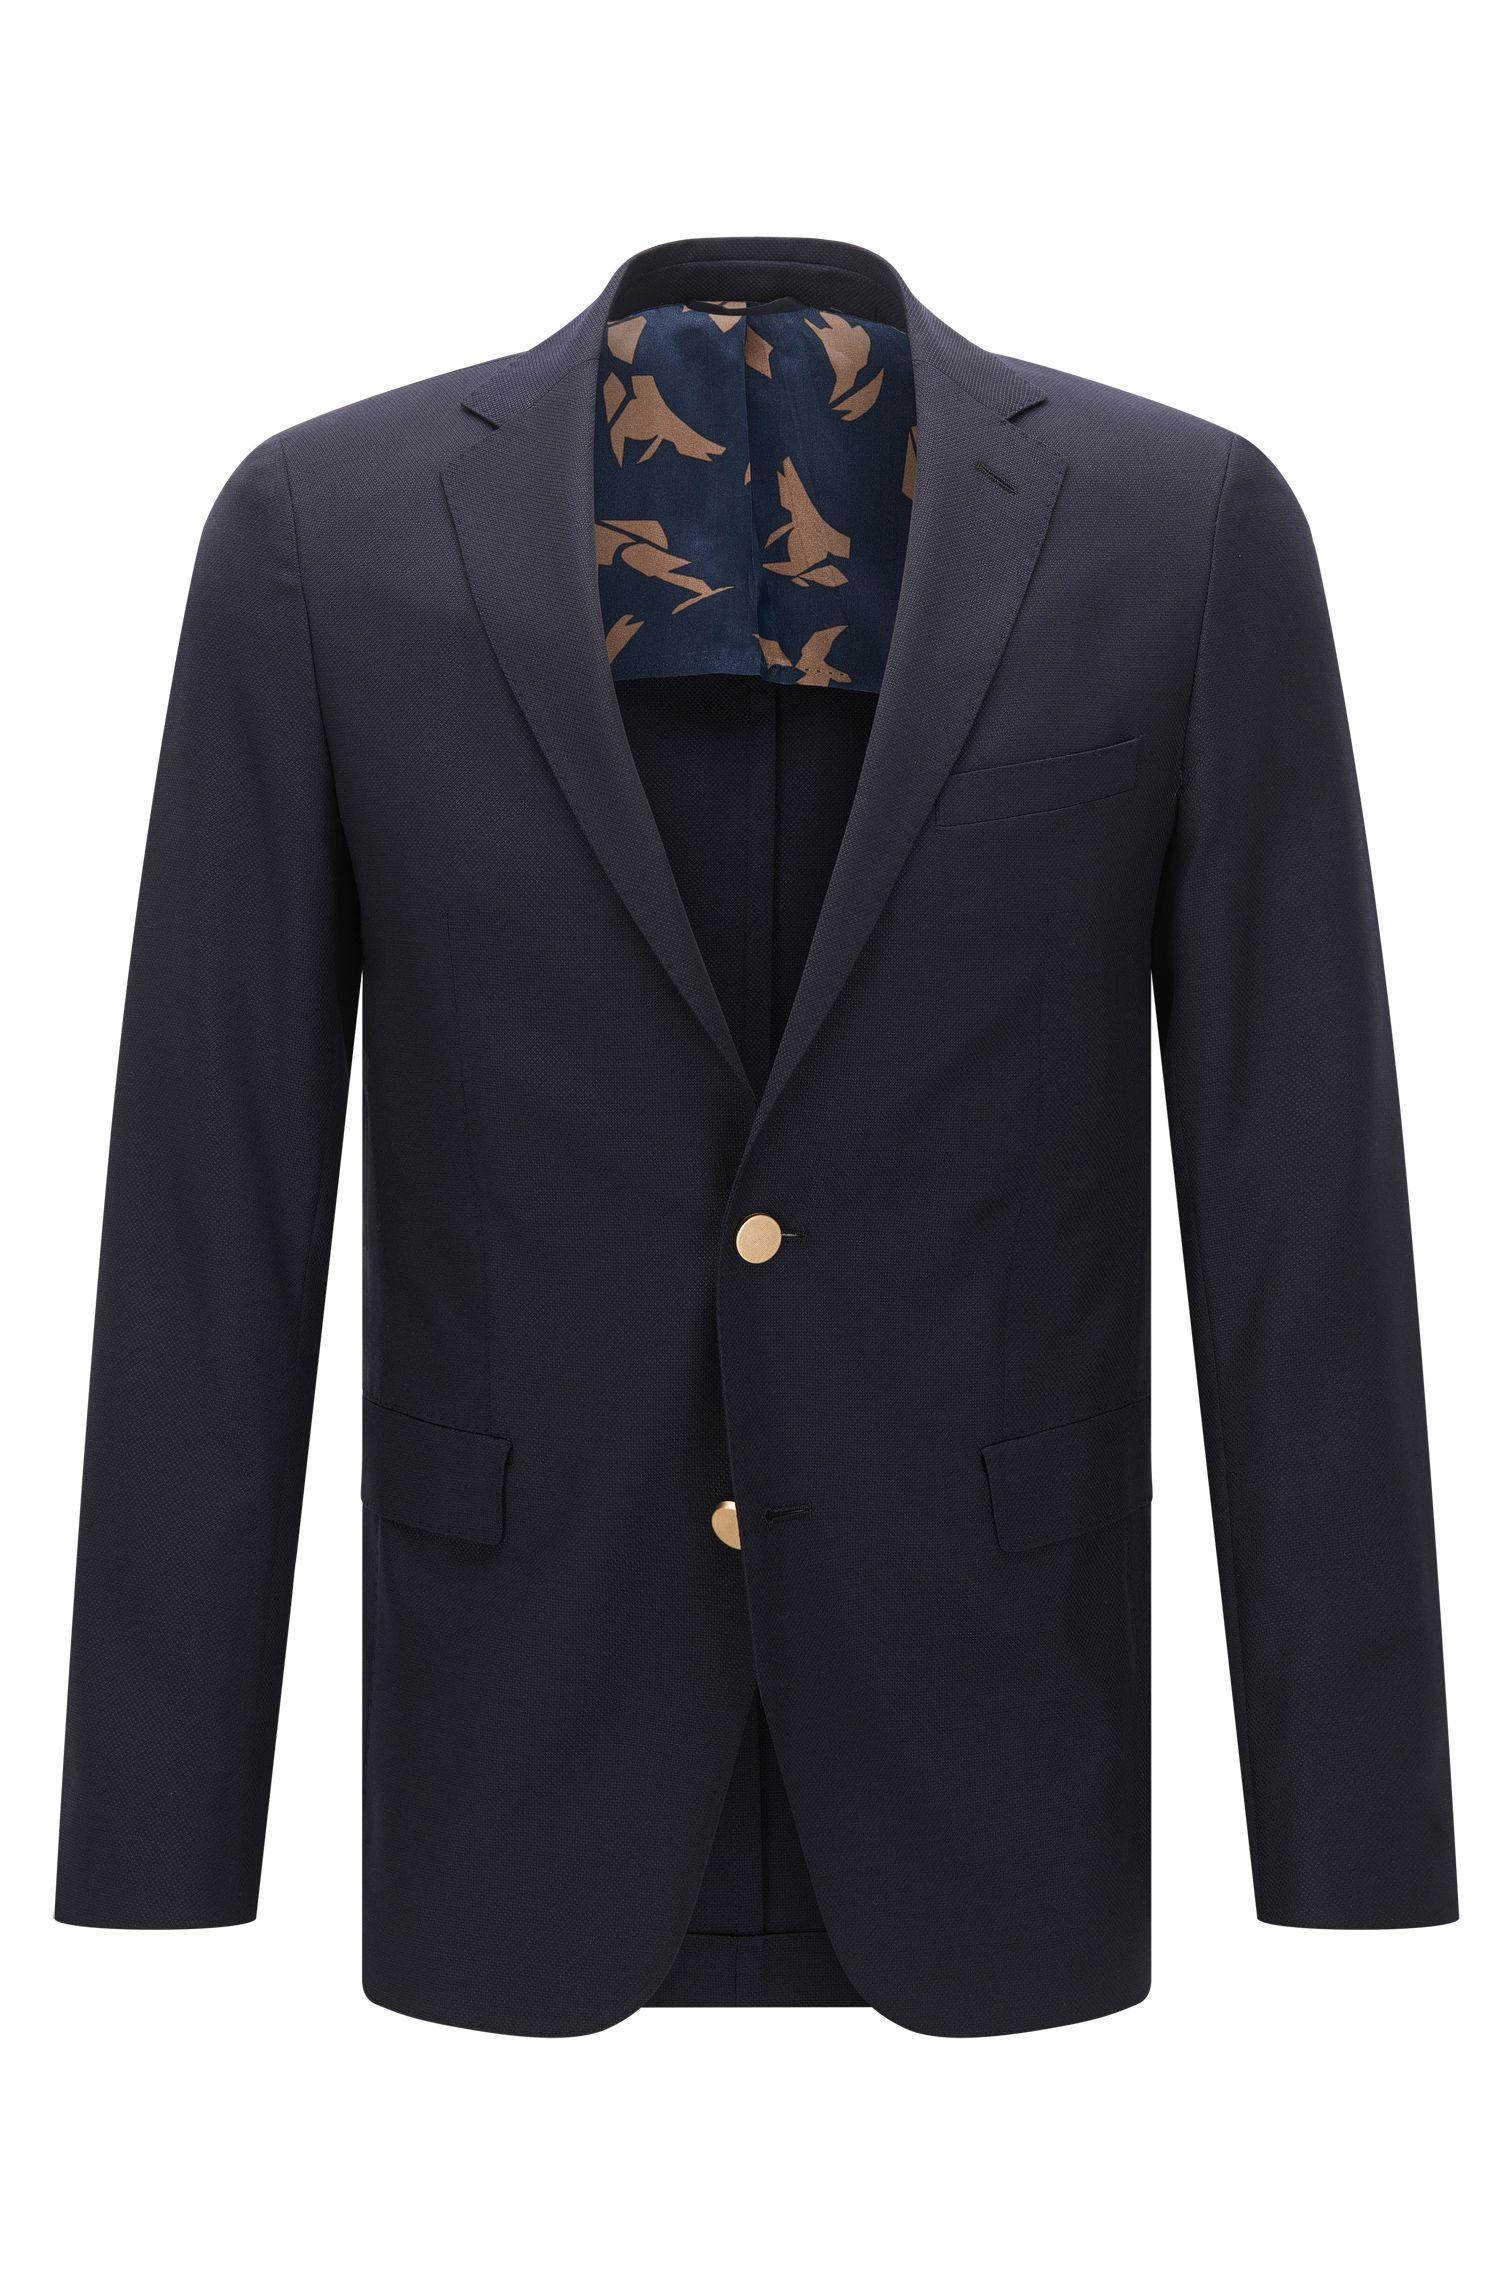 Extra-slim-fit jacket in textured virgin wool